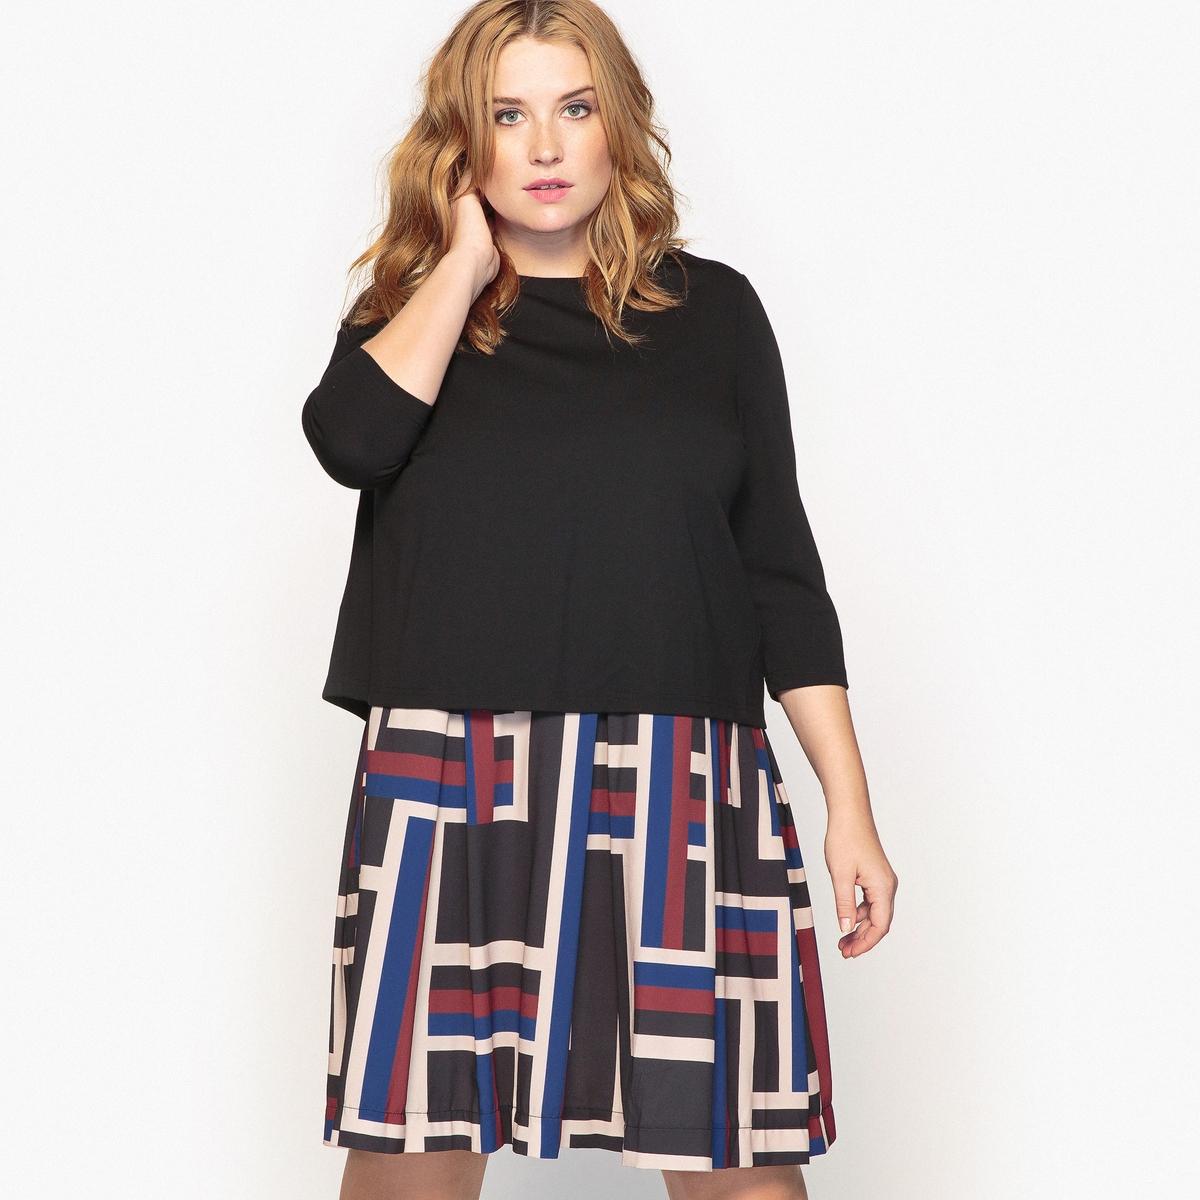 Платье расклешенное с рисункомНеотразимое платье с эффектом наложения тканей, с геометрическим мотивом снизу  . Решитесь на это оригинальное плаье с великолепным принтом, которое будет идеально смотреться с ботильонами  . Детали •  Форма : расклешенная •  Длина до колен •  Рукава 3/4    •  Круглый вырез •  Рисунок-принтСостав и уход •  61% вискозы, 9% эластана, 30% полиэстера •  Подкладка : 100% полиэстер •  Температура стирки при 30° на деликатном режиме   • Низкая температура глажки / не отбеливать   •  Не использовать барабанную сушку • Сухая чистка запрещенаТовар из коллекции больших размеров •  Длина 102 см<br><br>Цвет: графичный рисунок<br>Размер: 46 (FR) - 52 (RUS).48 (FR) - 54 (RUS).58 (FR) - 64 (RUS)